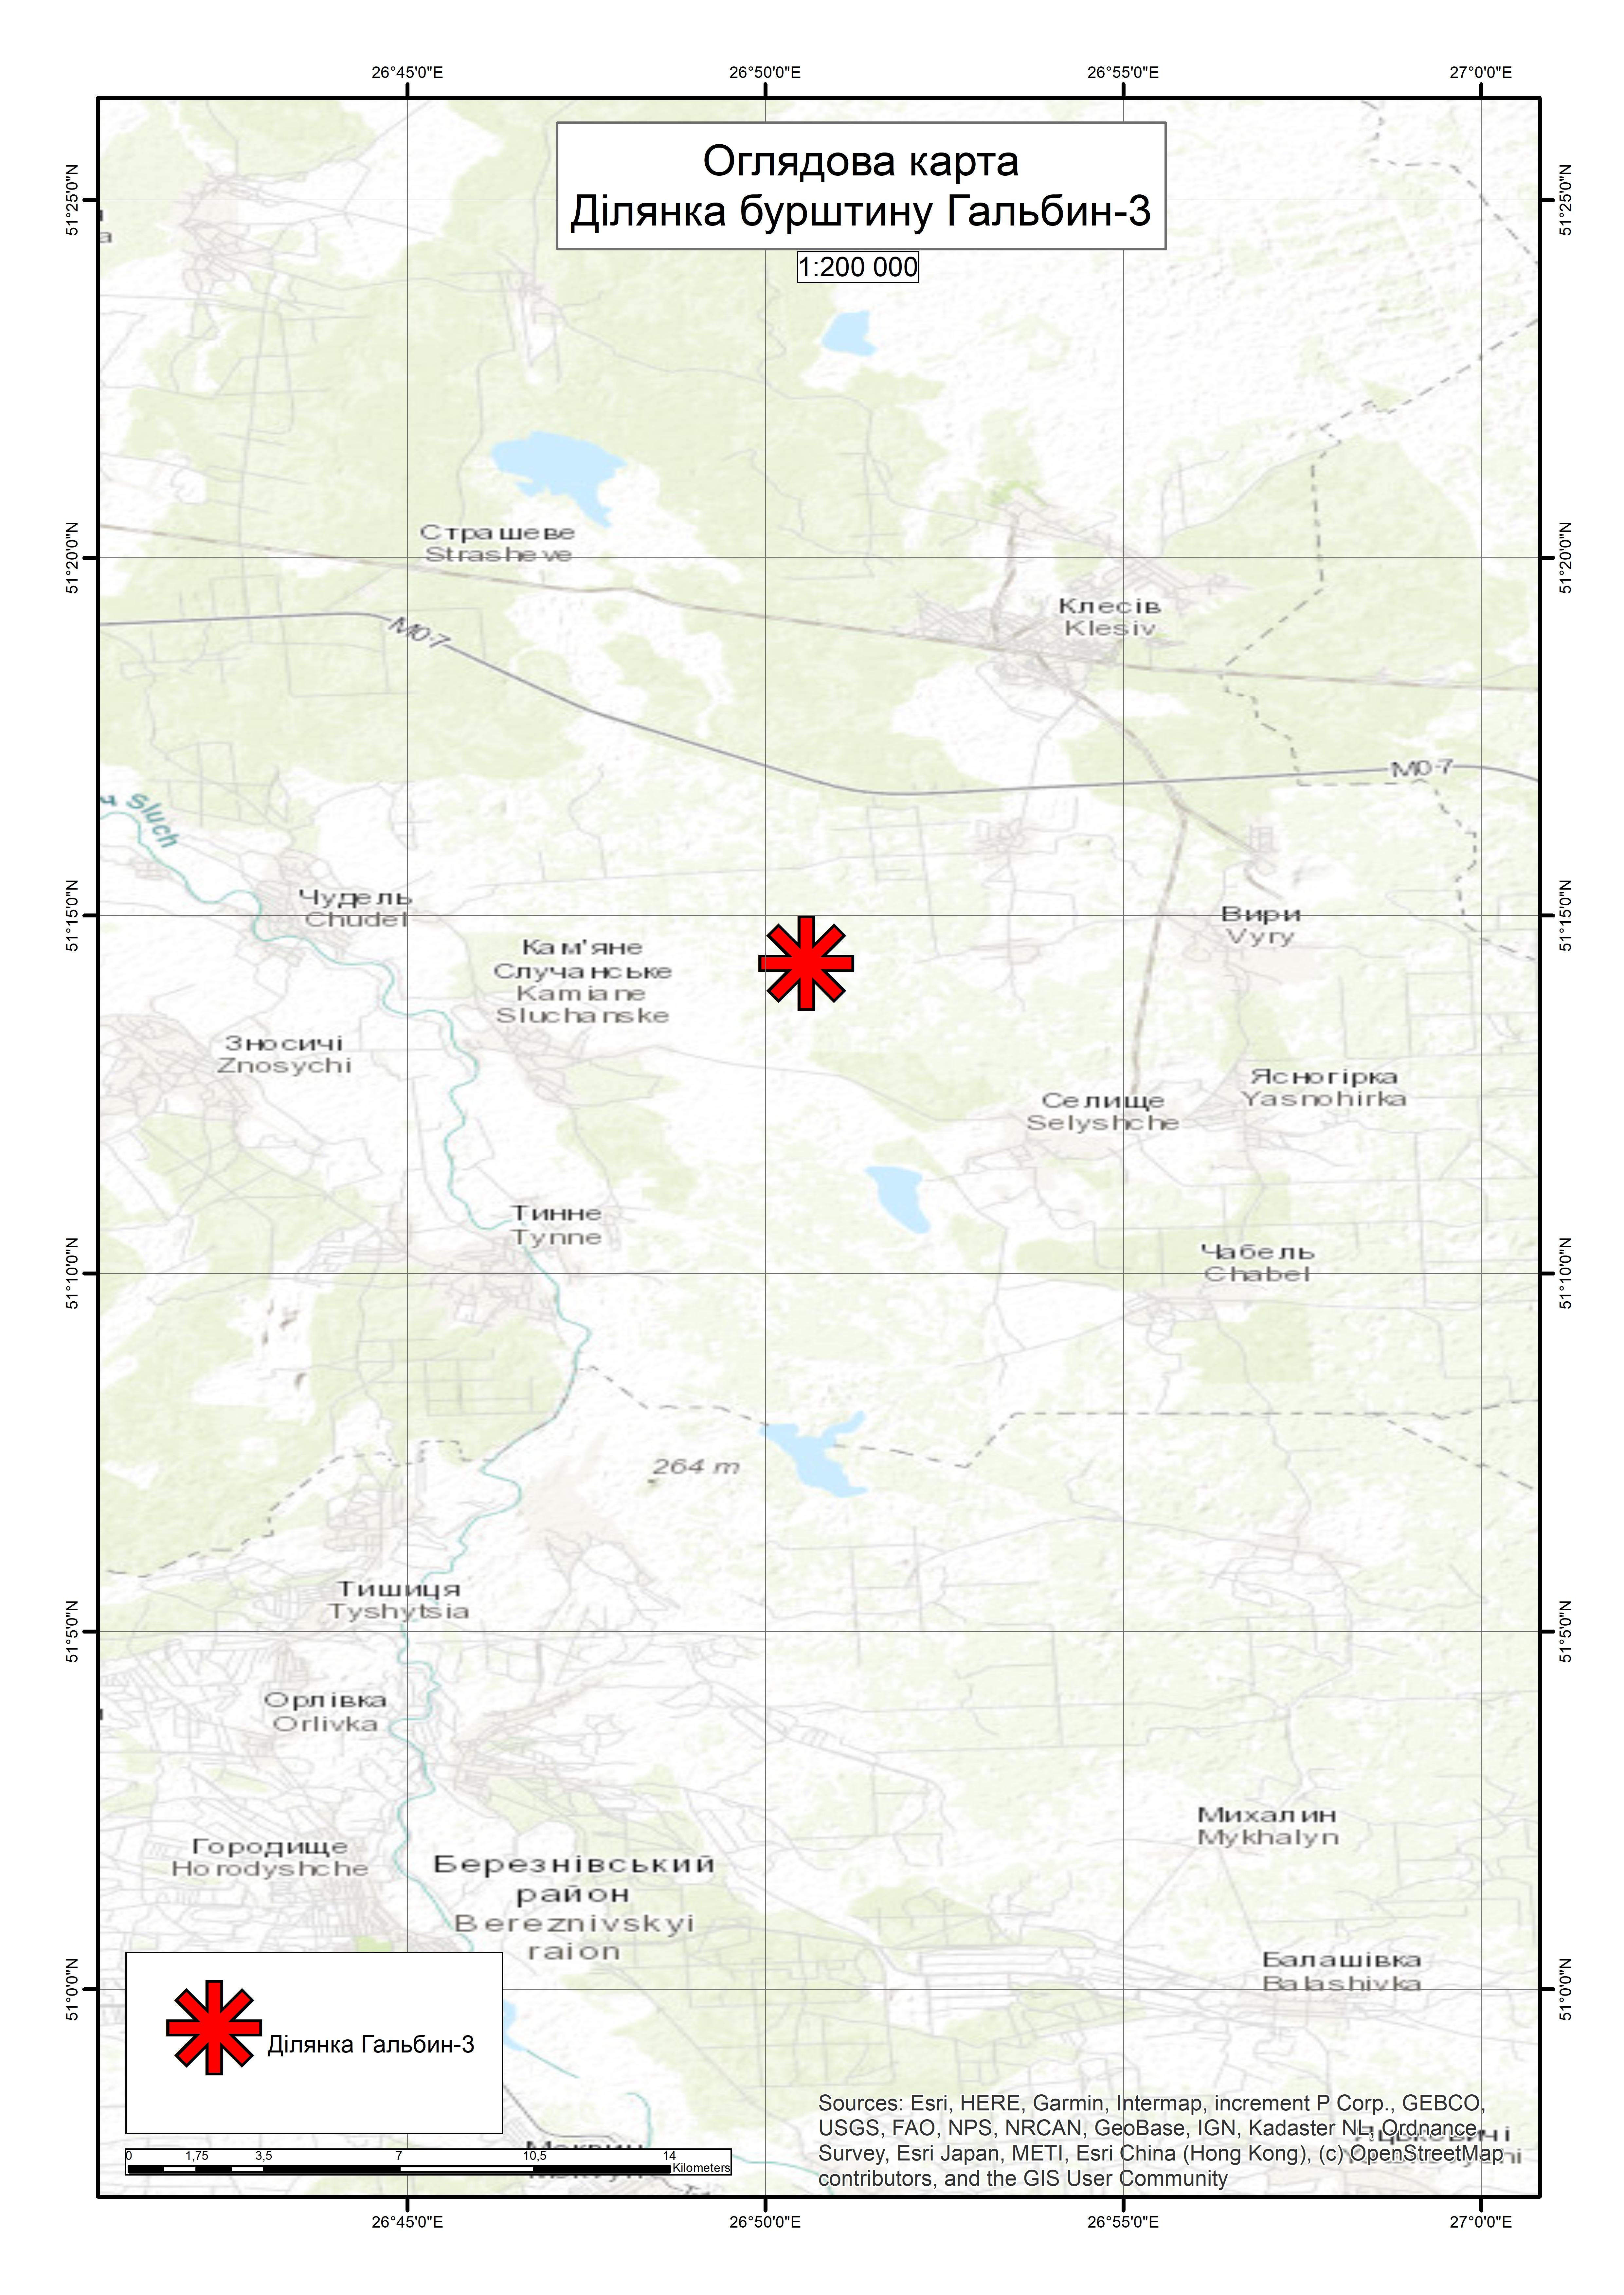 Спеціальний дозвіл на користування надрами – Ділянка Гальбин-3. Вартість геологічної інформації – 124 434,97 грн (з ПДВ). Вартість пакету аукціонної документації – 10 120,03 грн (з ПДВ).